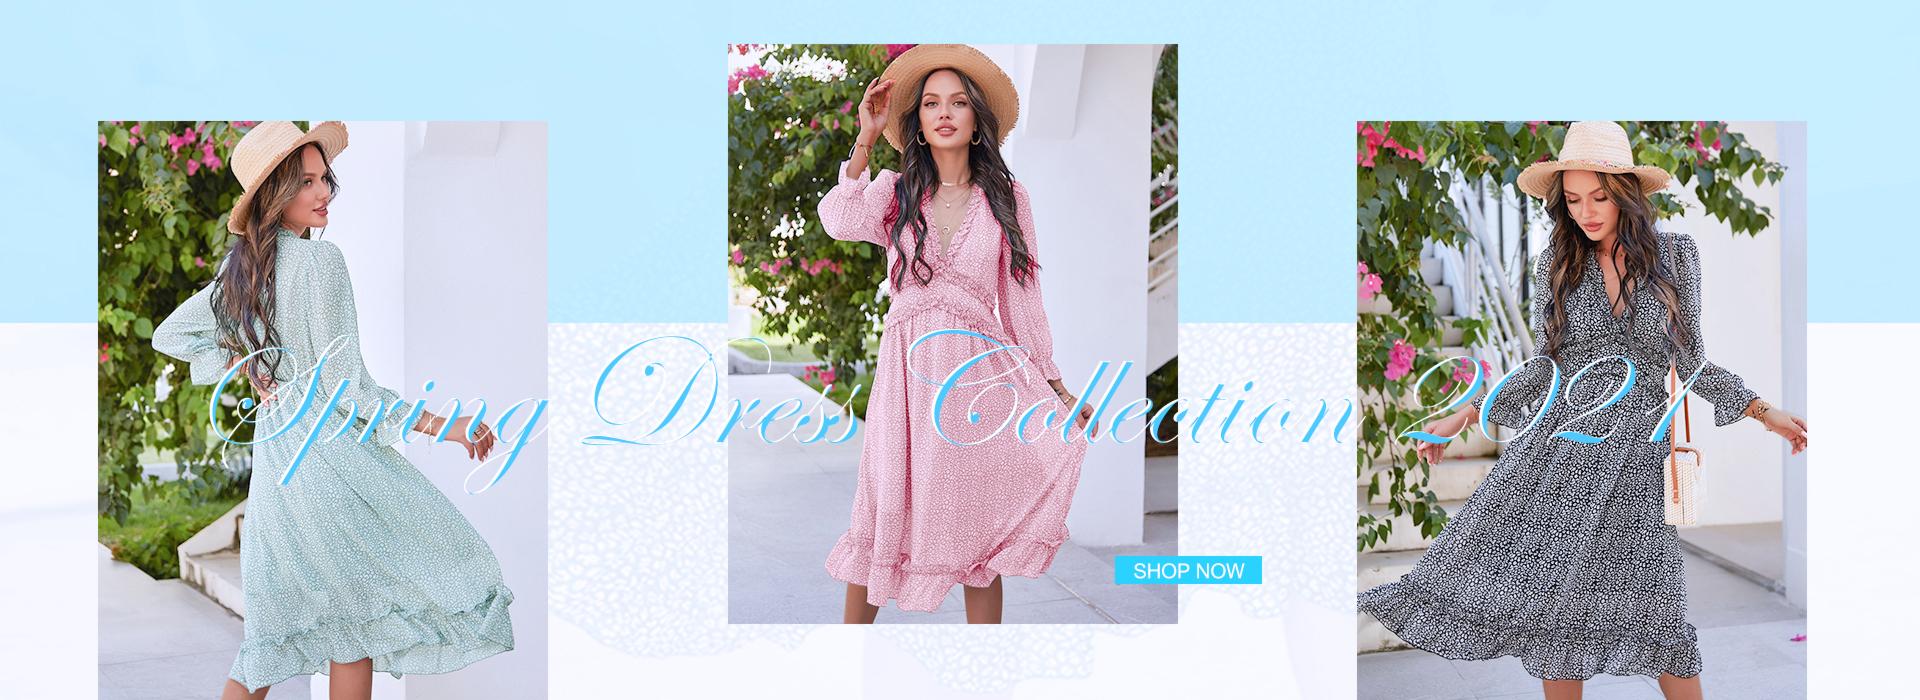 https://www.shestar.com/daily-new.html